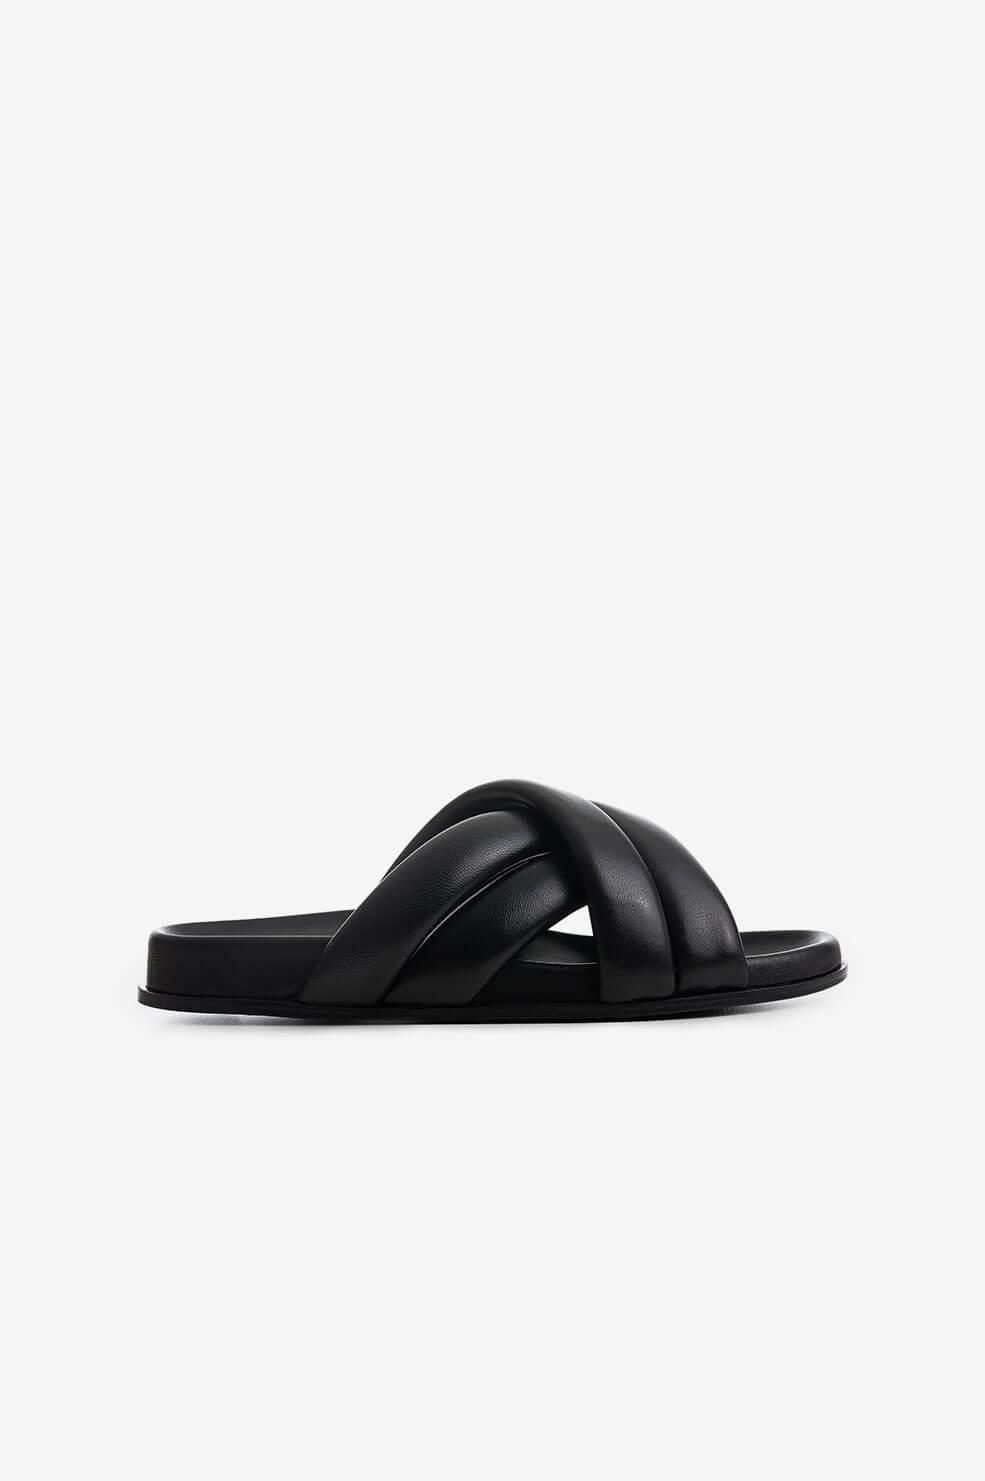 ANINE BING chaussures lizzie-7